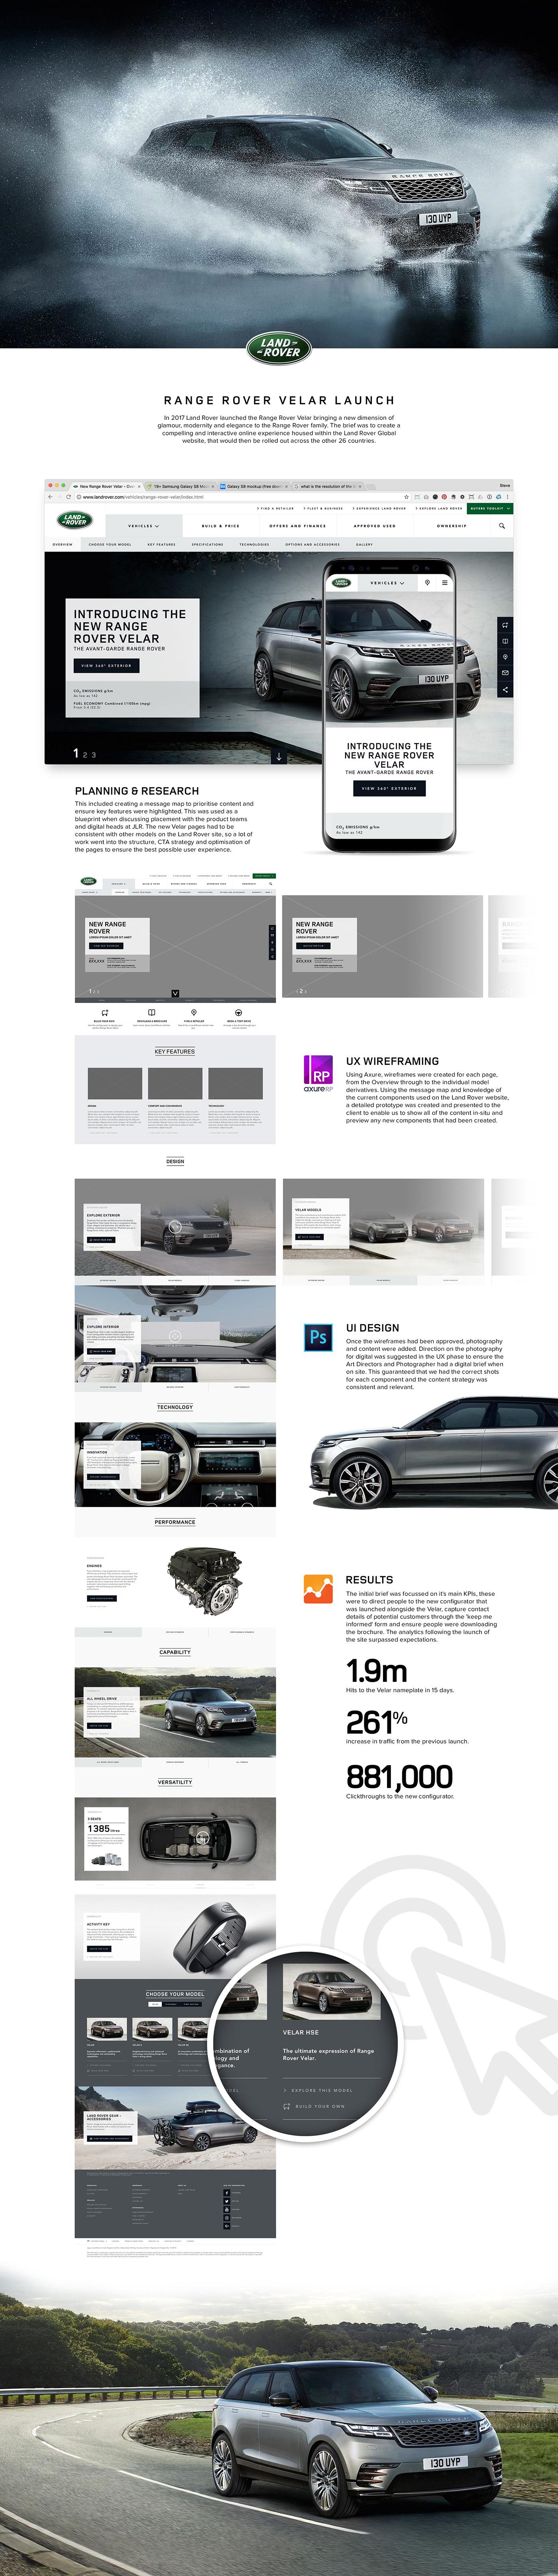 Land Rover, Spark44